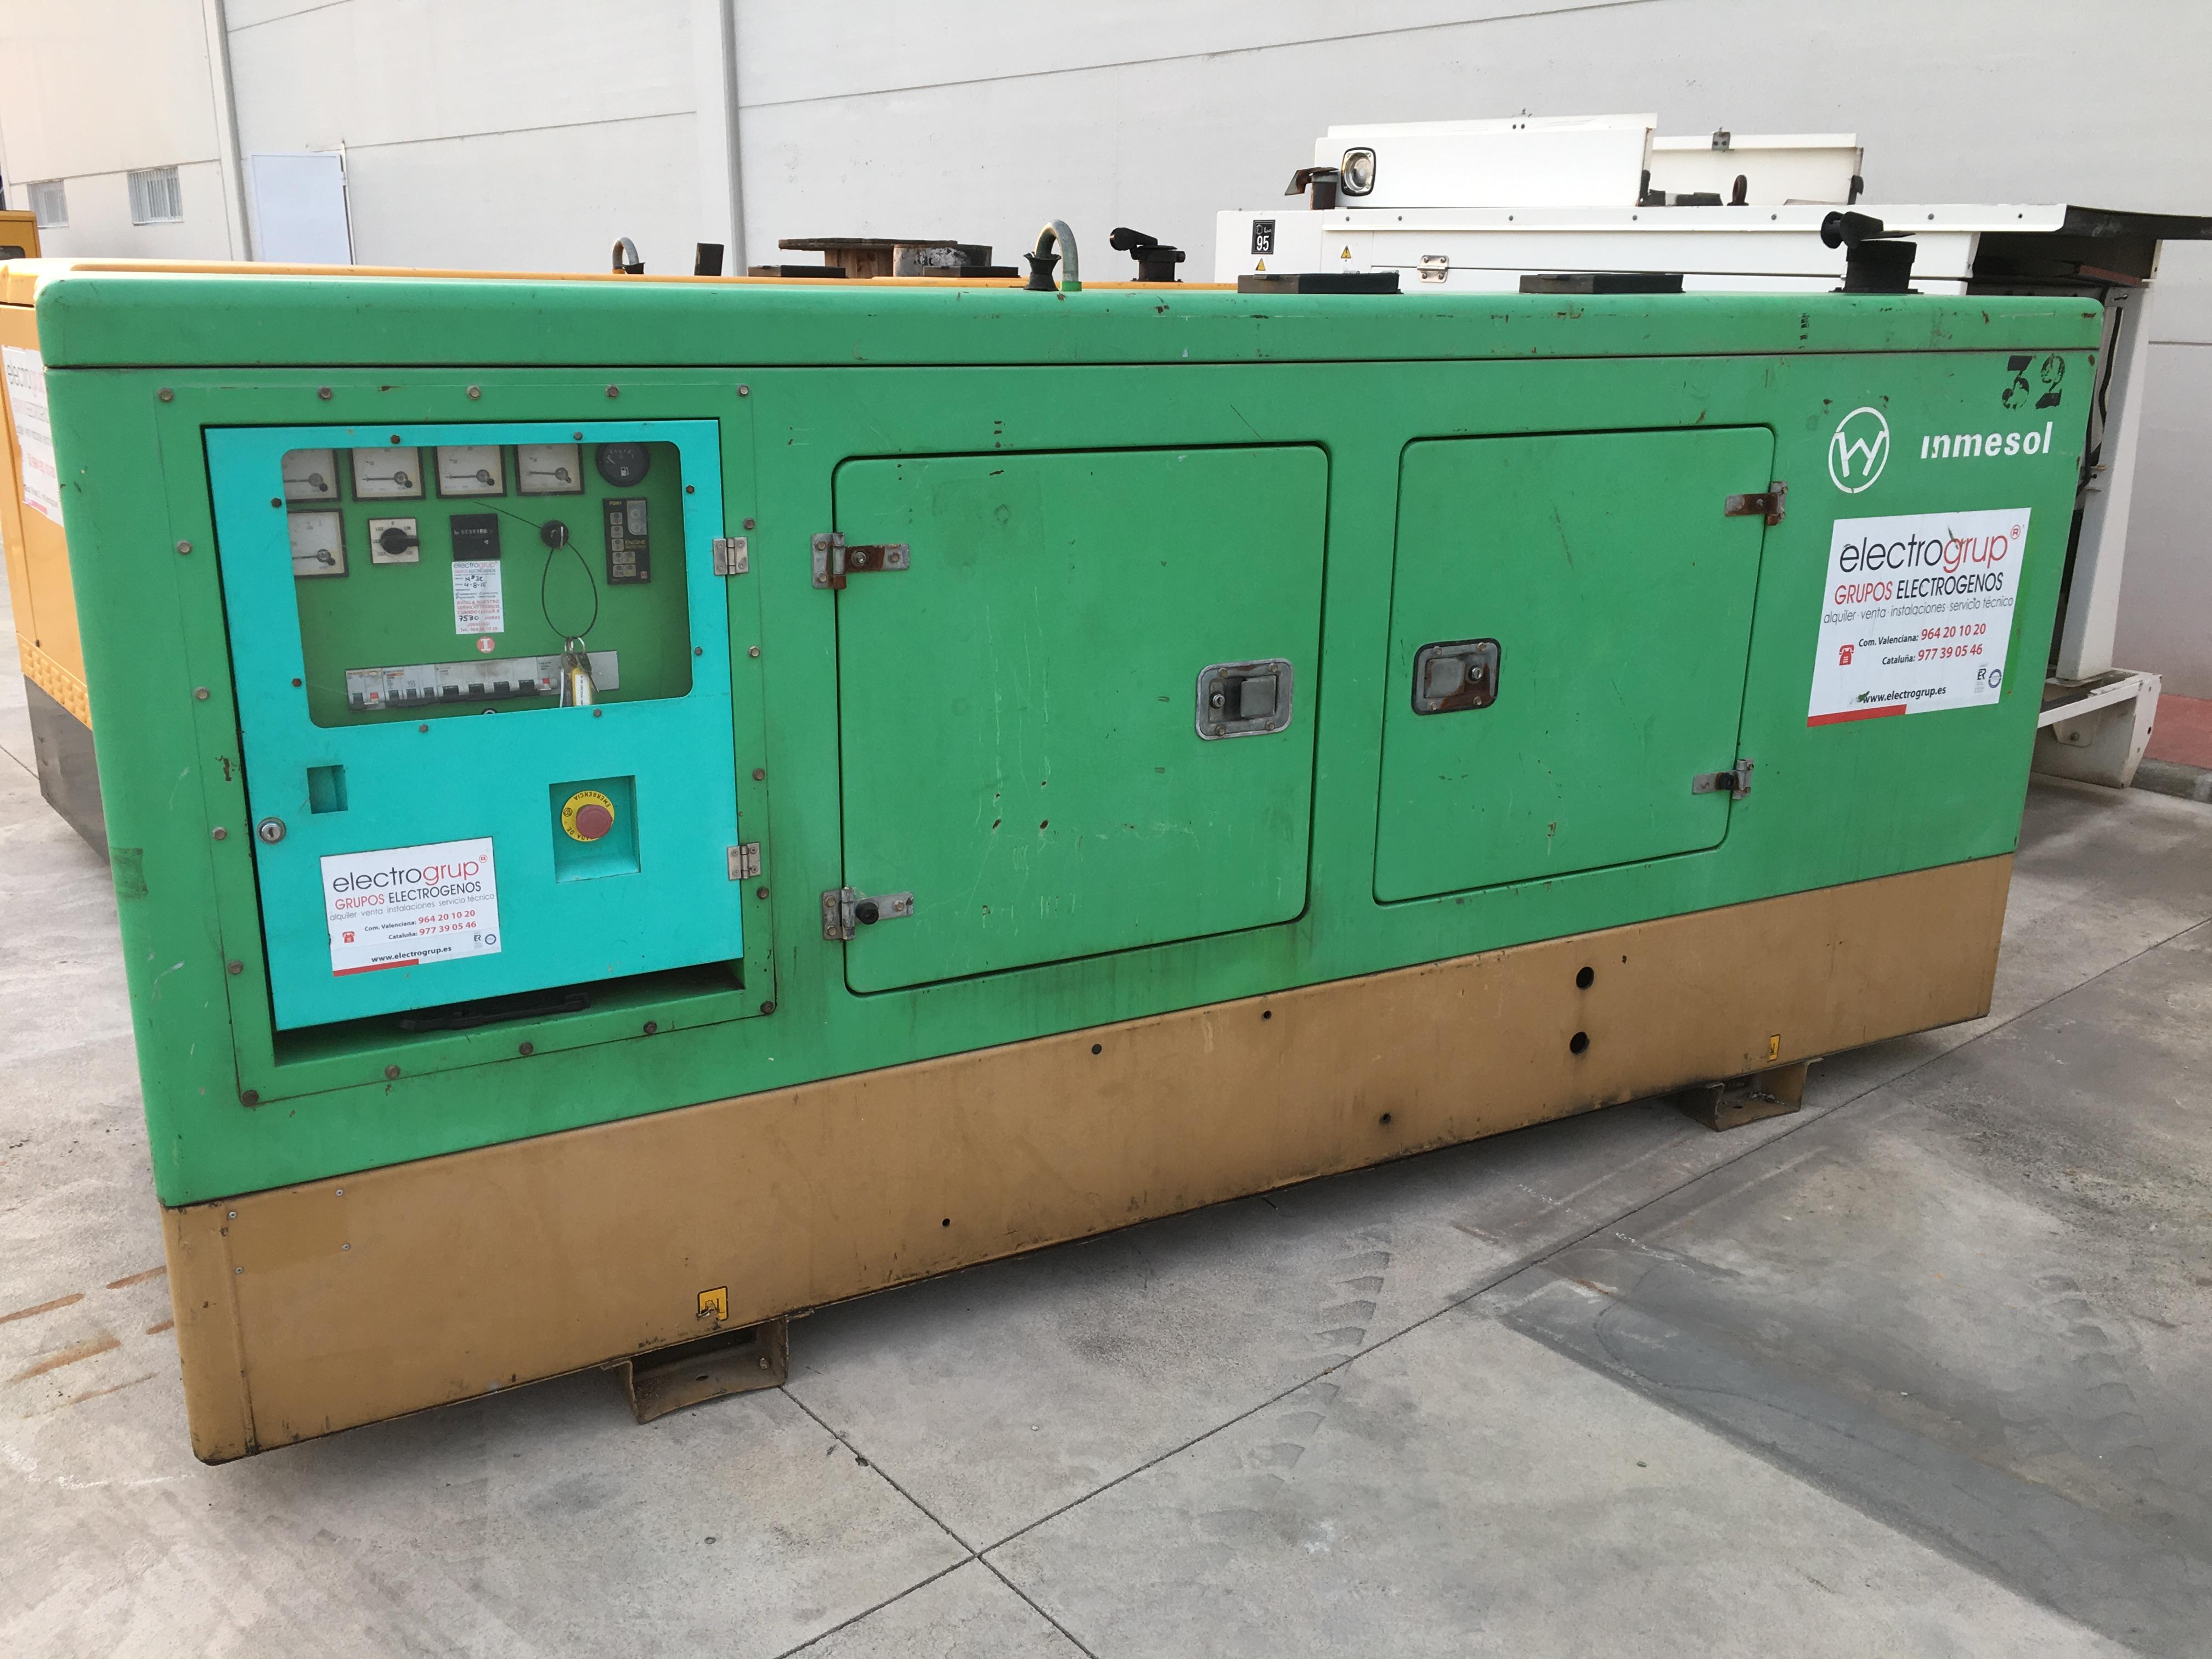 Grupo Electrógeno 60 kVA ocasión